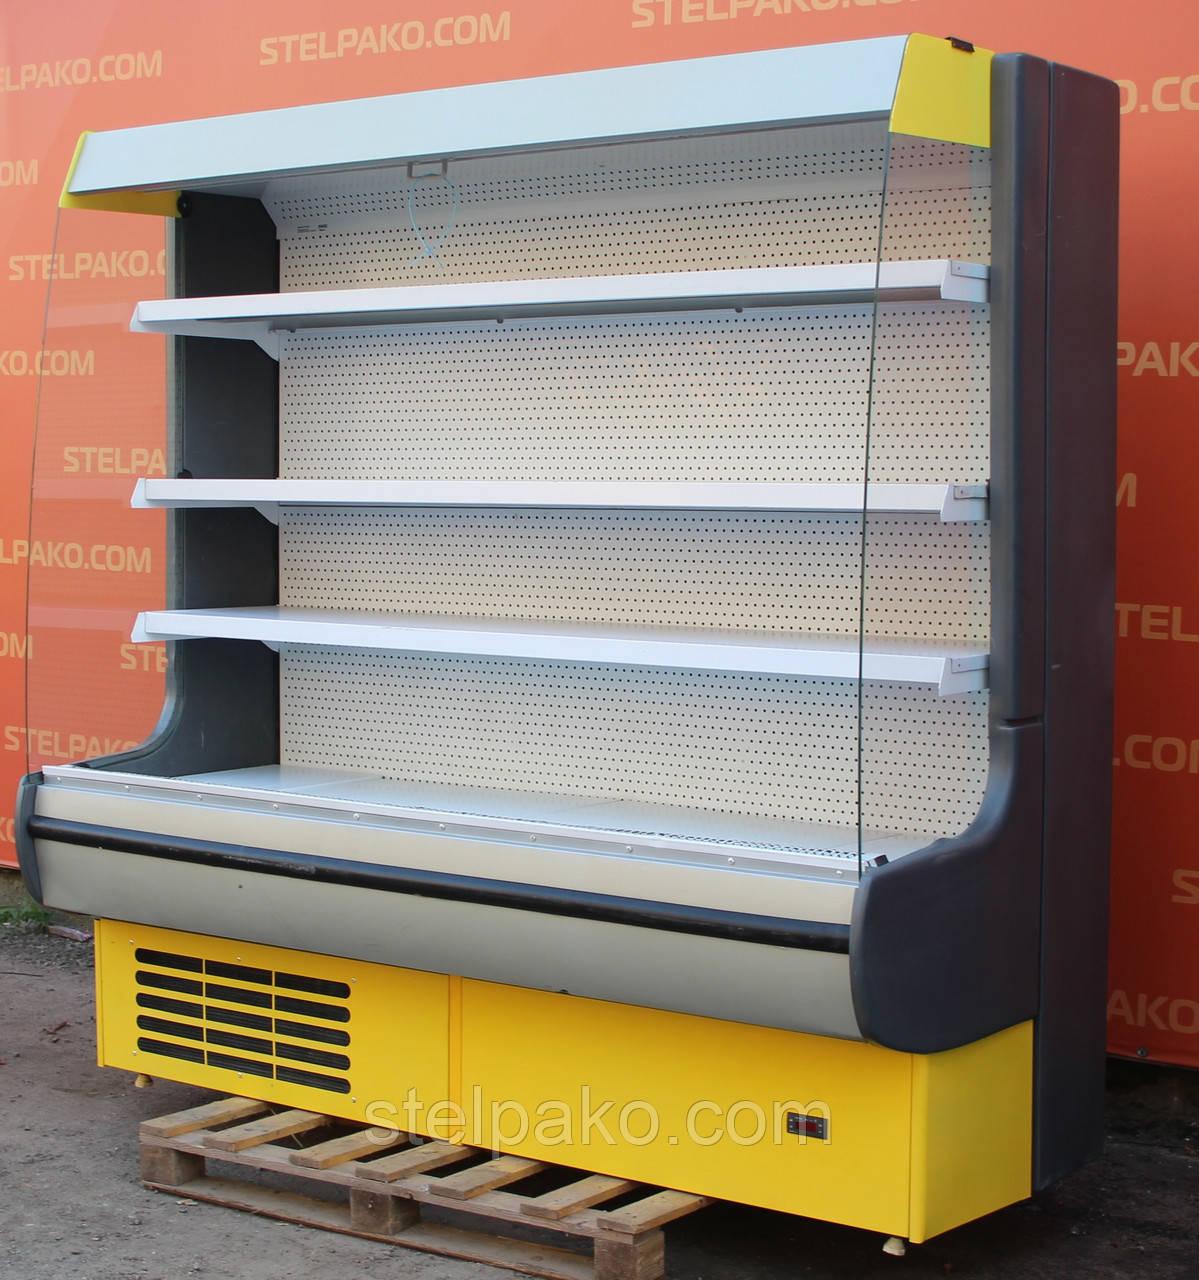 Холодильный регал «Росс Modena ВПХ-Г» 2.0 м. (Украина), LED - подсветка, Б/у